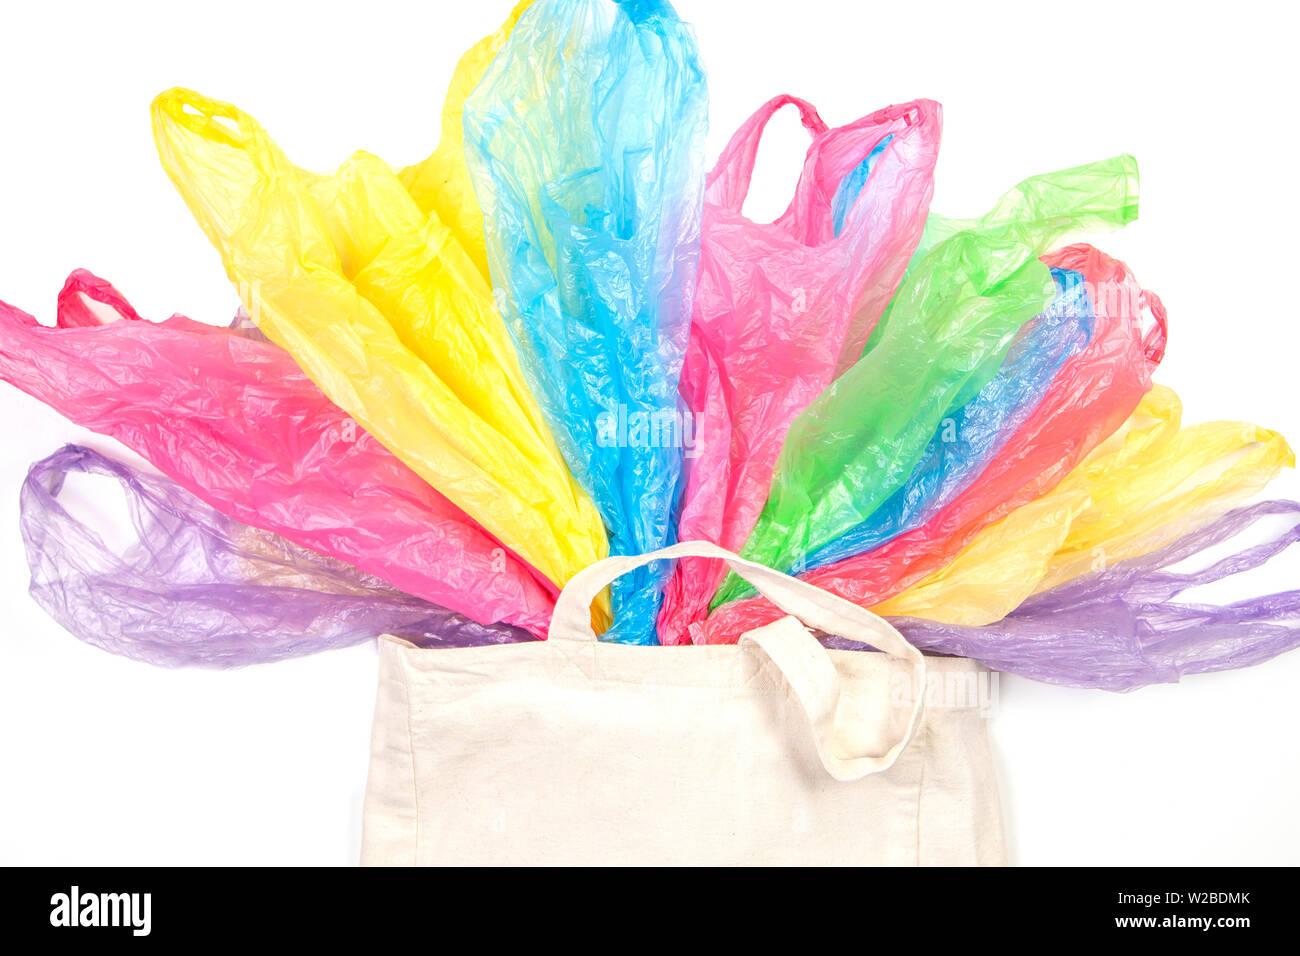 Muchas bolsas de plástico de un solo uso en un eco natural bolsa de compras reutilizable sobre fondo blanco. Cero residuos, respetuoso con el medio ambiente, la sostenibilidad, el estilo de vida no plas Foto de stock